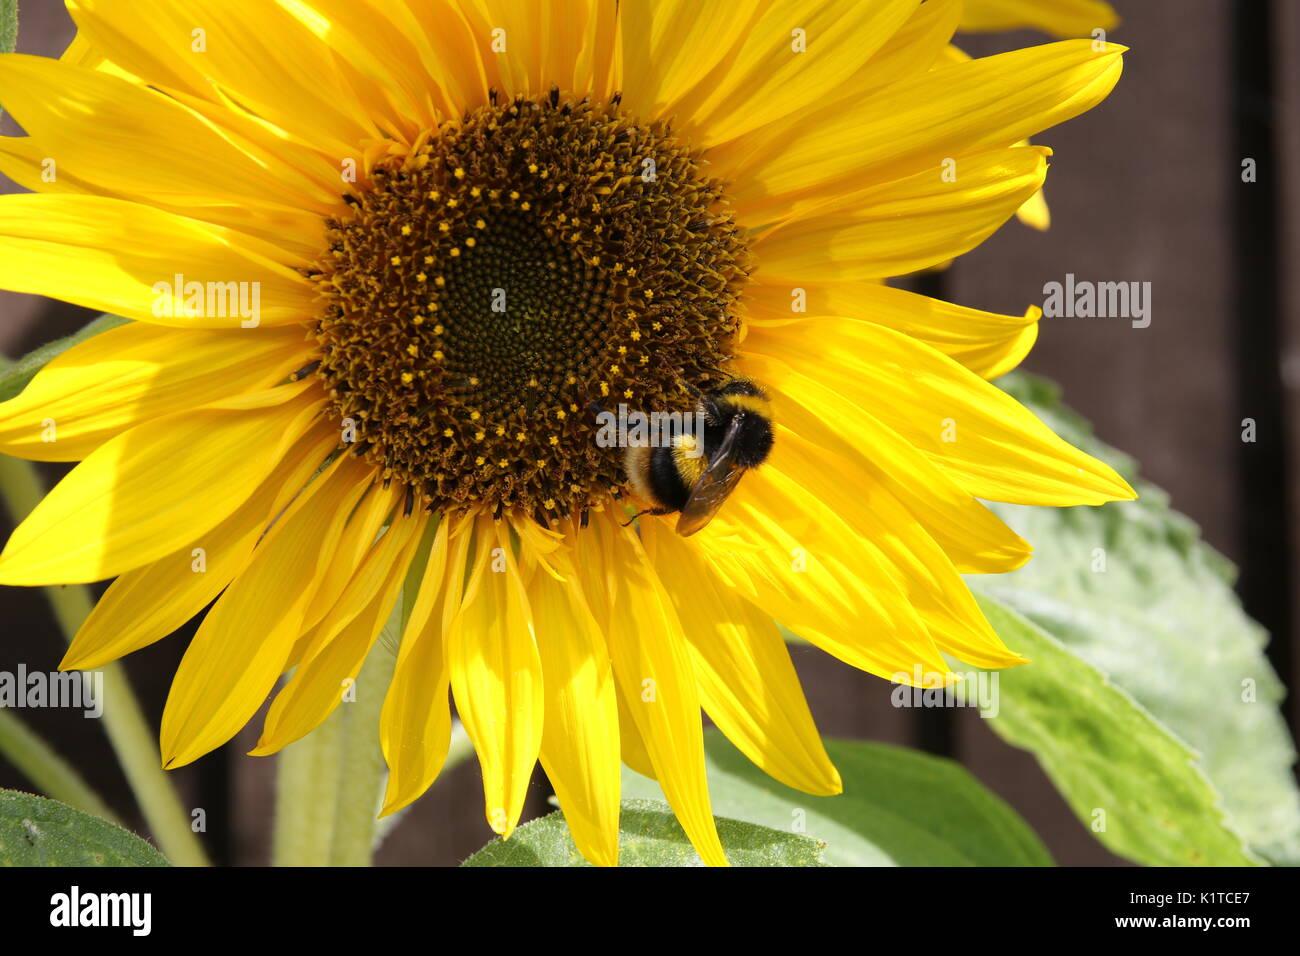 Una chiusura di un girasole in fiore con foglie verdi e un'ape impollinazione Immagini Stock